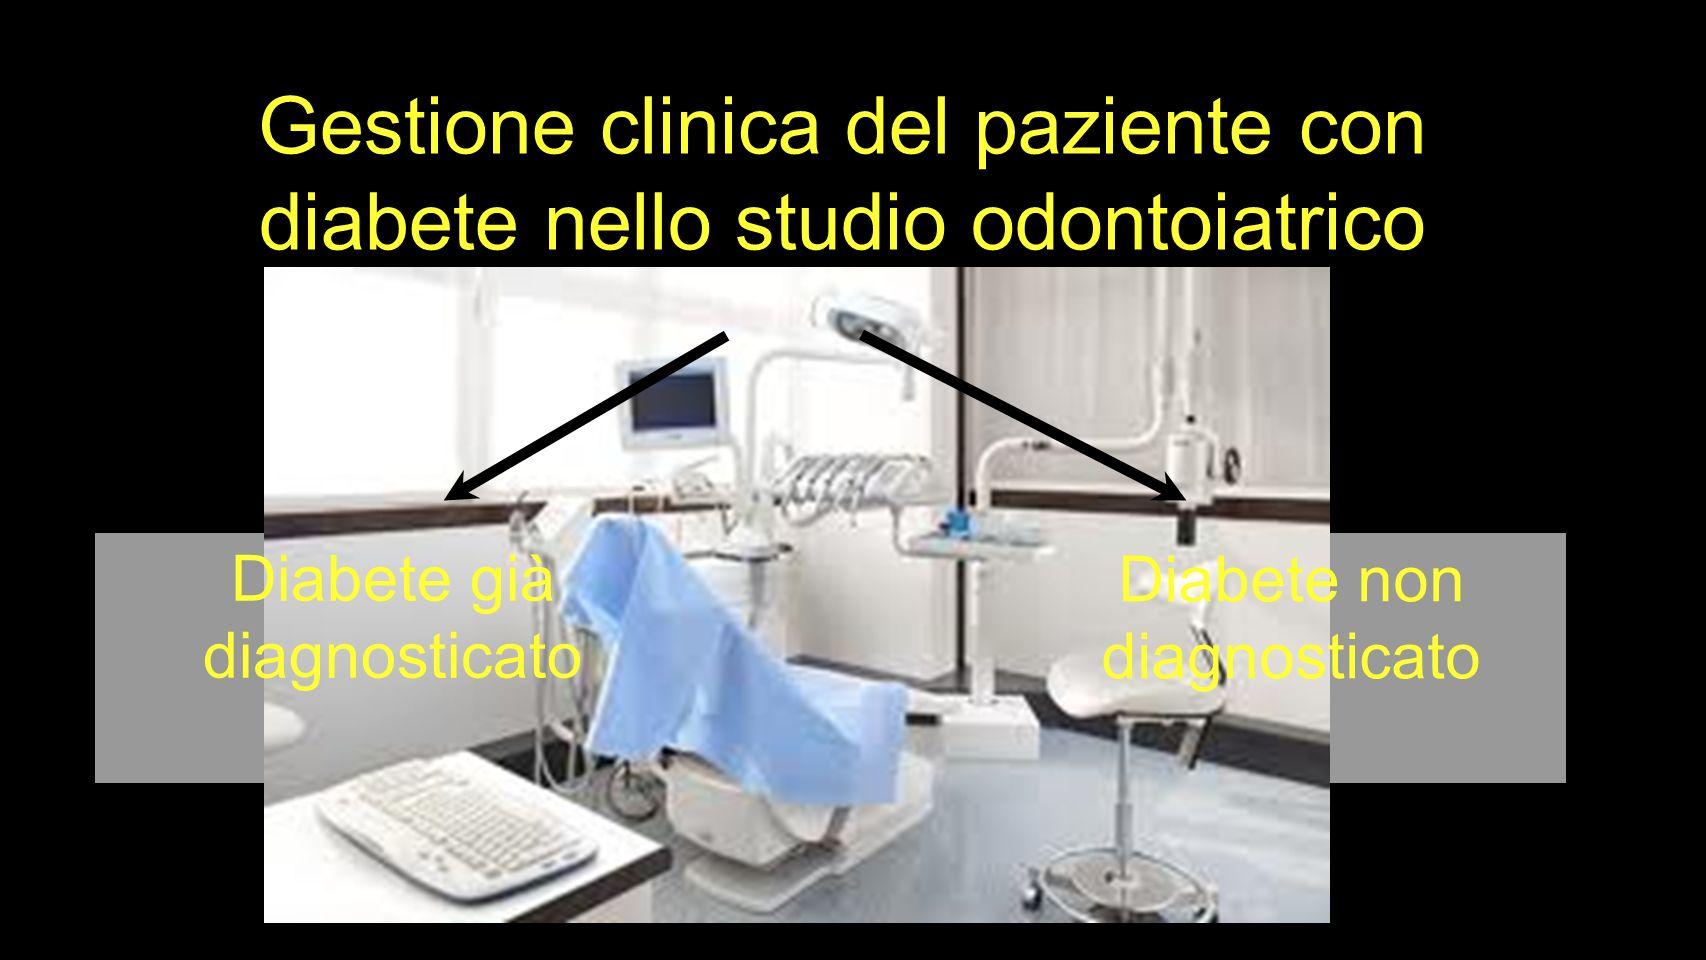 Gestione clinica del paziente con diabete nello studio odontoiatrico